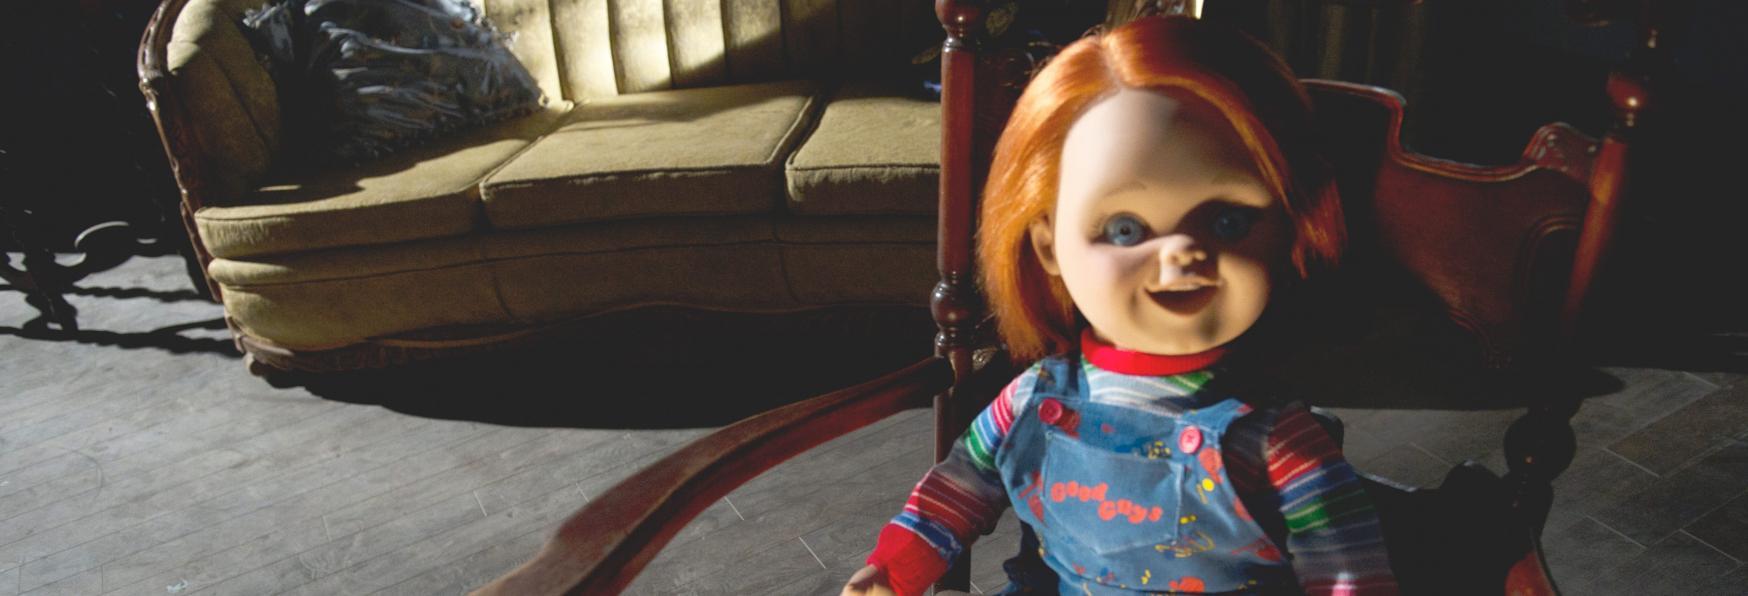 Chucky: Rilasciata un'Anteprima della nuova Serie TV Horror in arrivo in Autunno